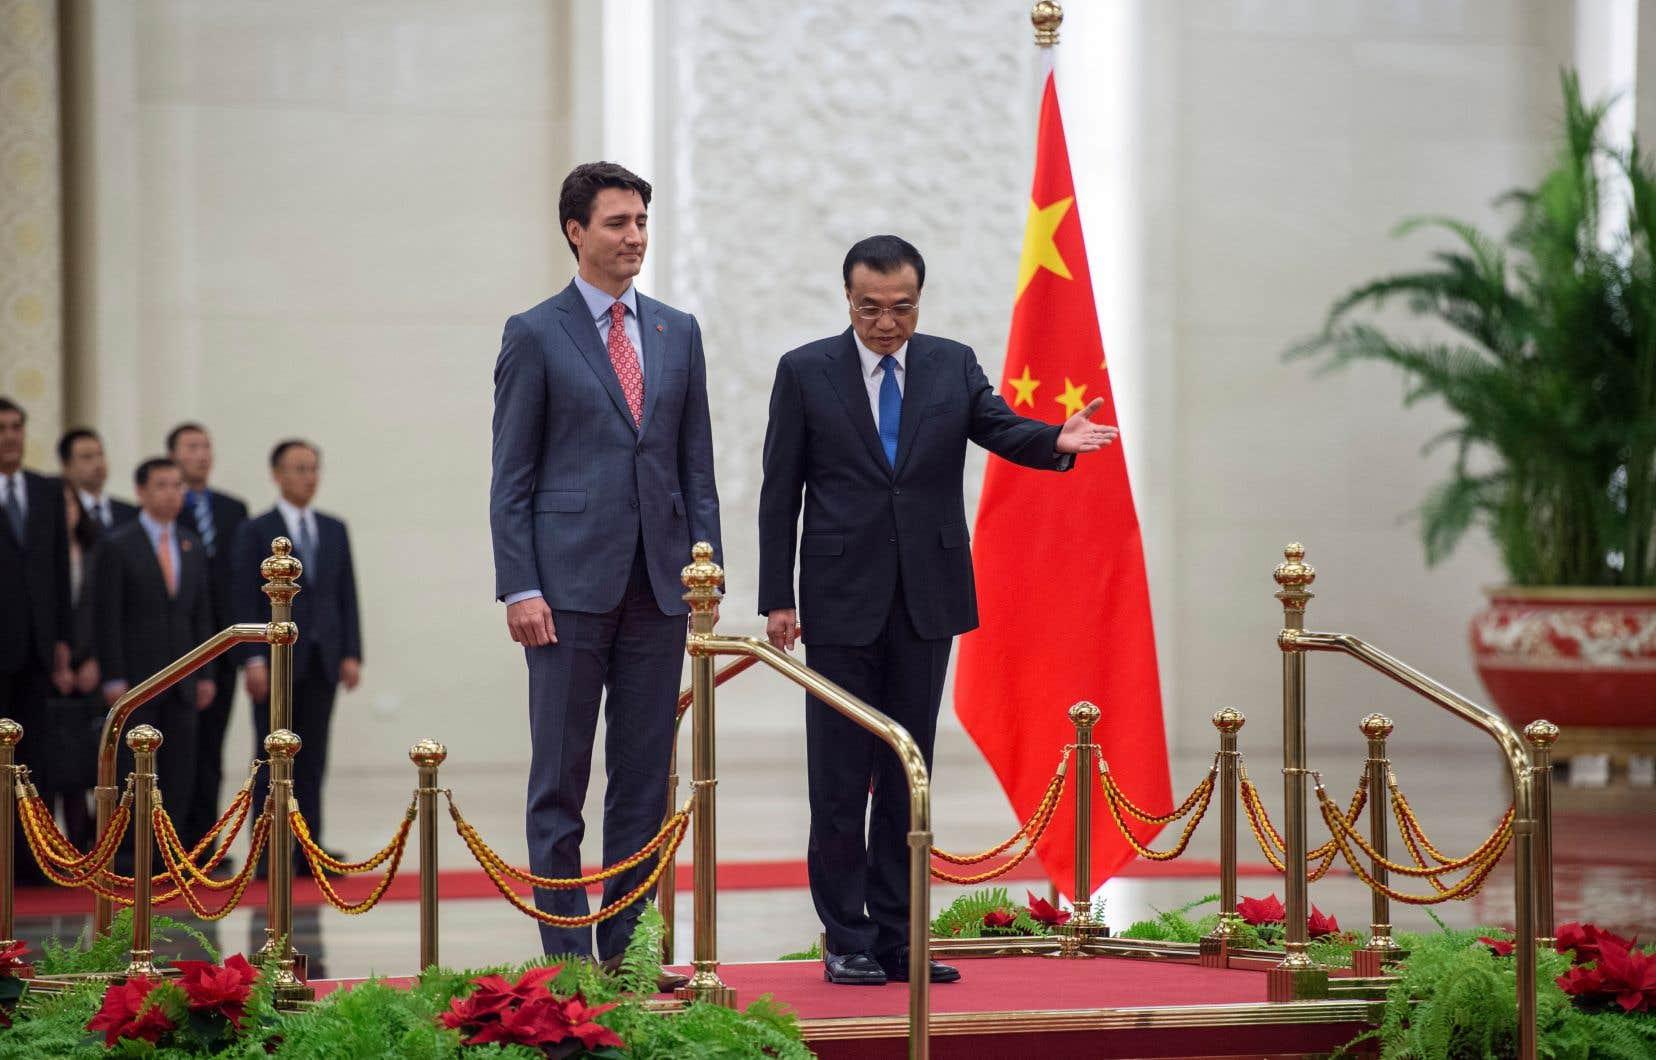 Le premier ministre chinois, Li Keqiang (à droite), accueillait son homologue canadien, JustinTrudeau, en décembre 2017, alors que les deux leaders cherchaient à lancer, sans succès, les négociations d'un accord de libre-échange.